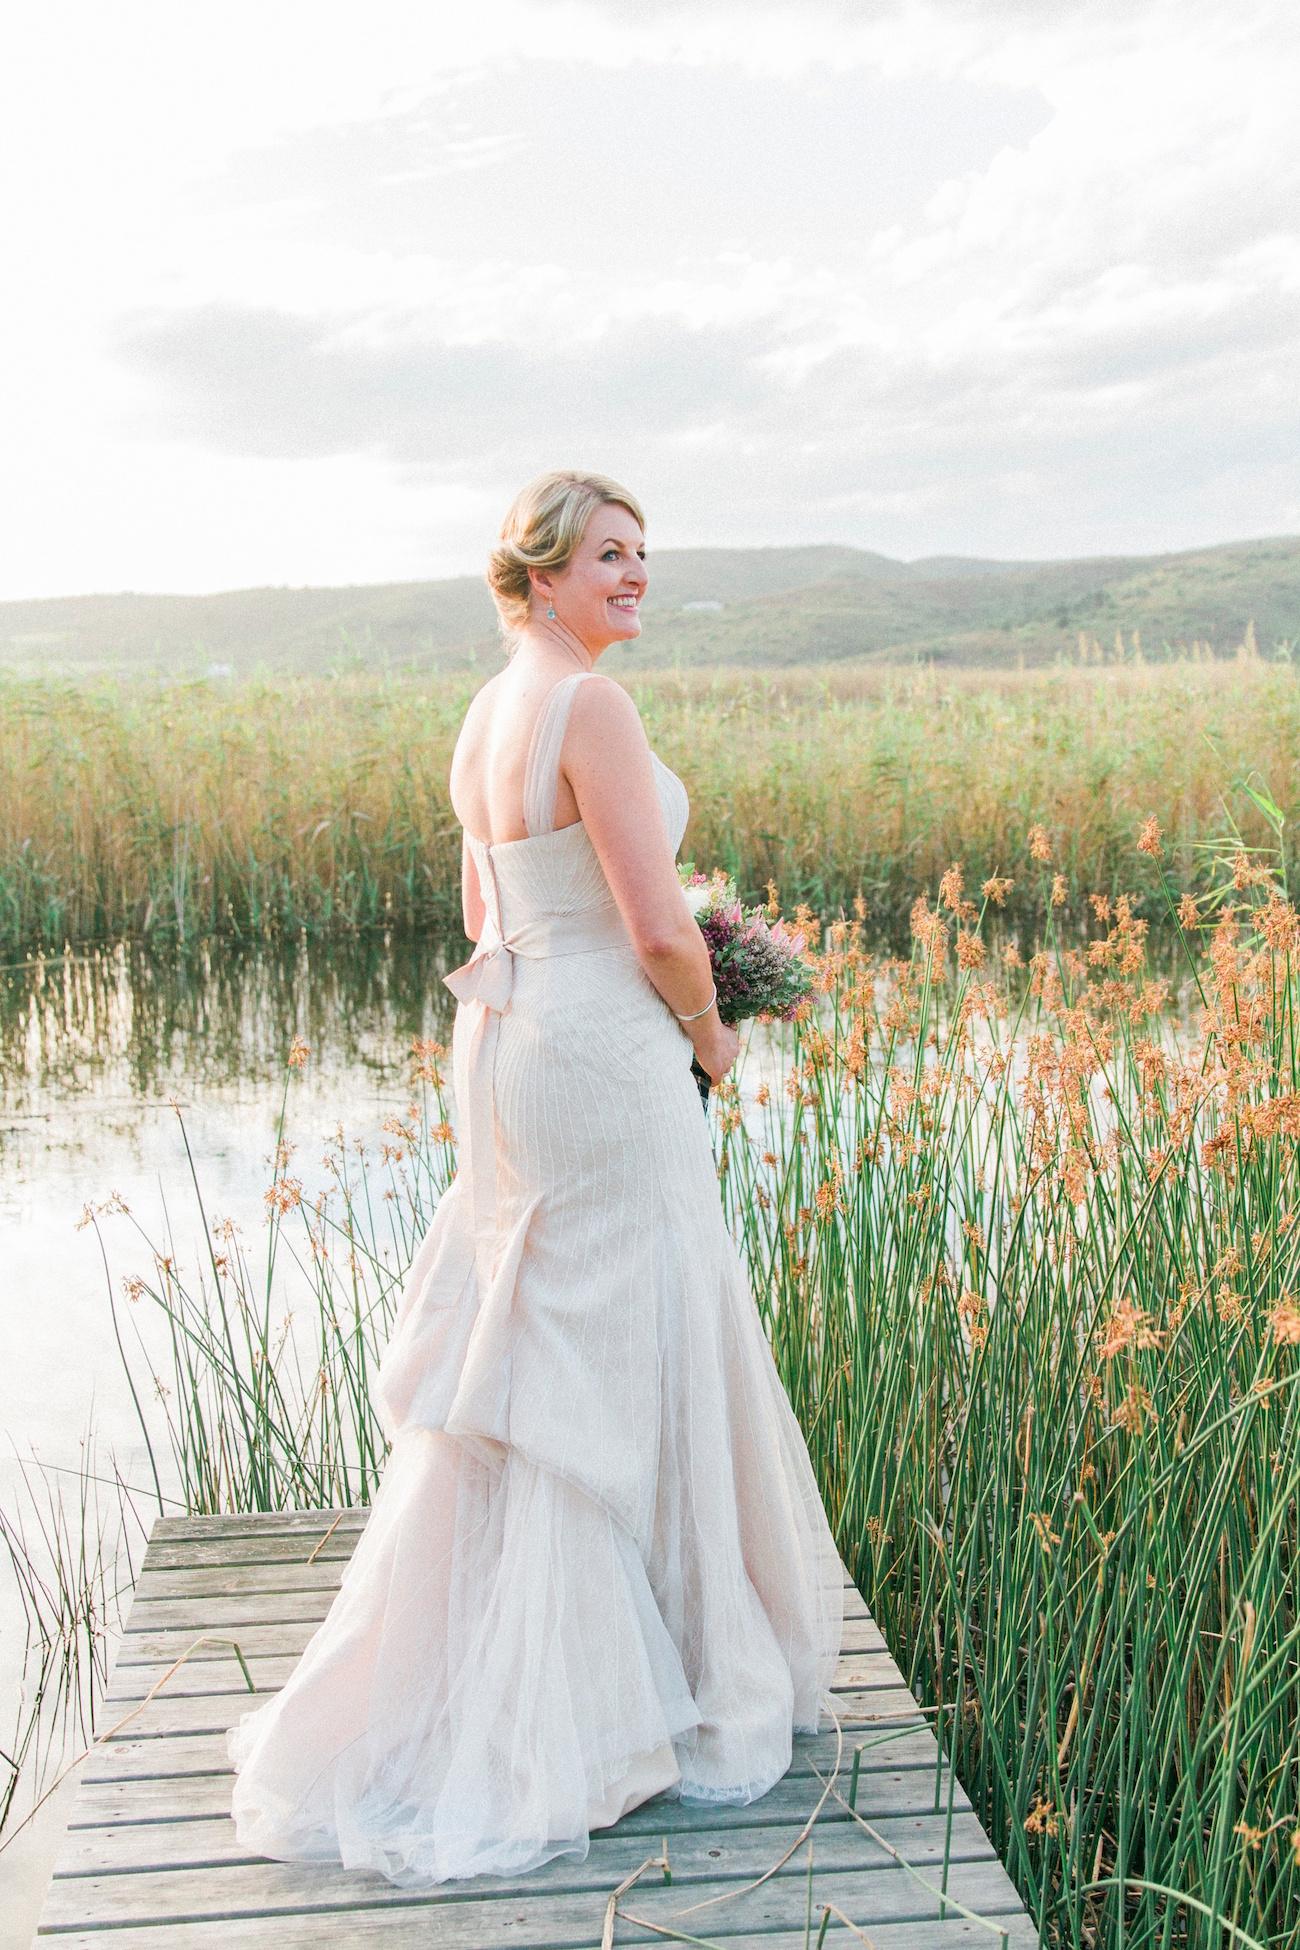 Bride in Zac Posen | Image: Maxeen Kim